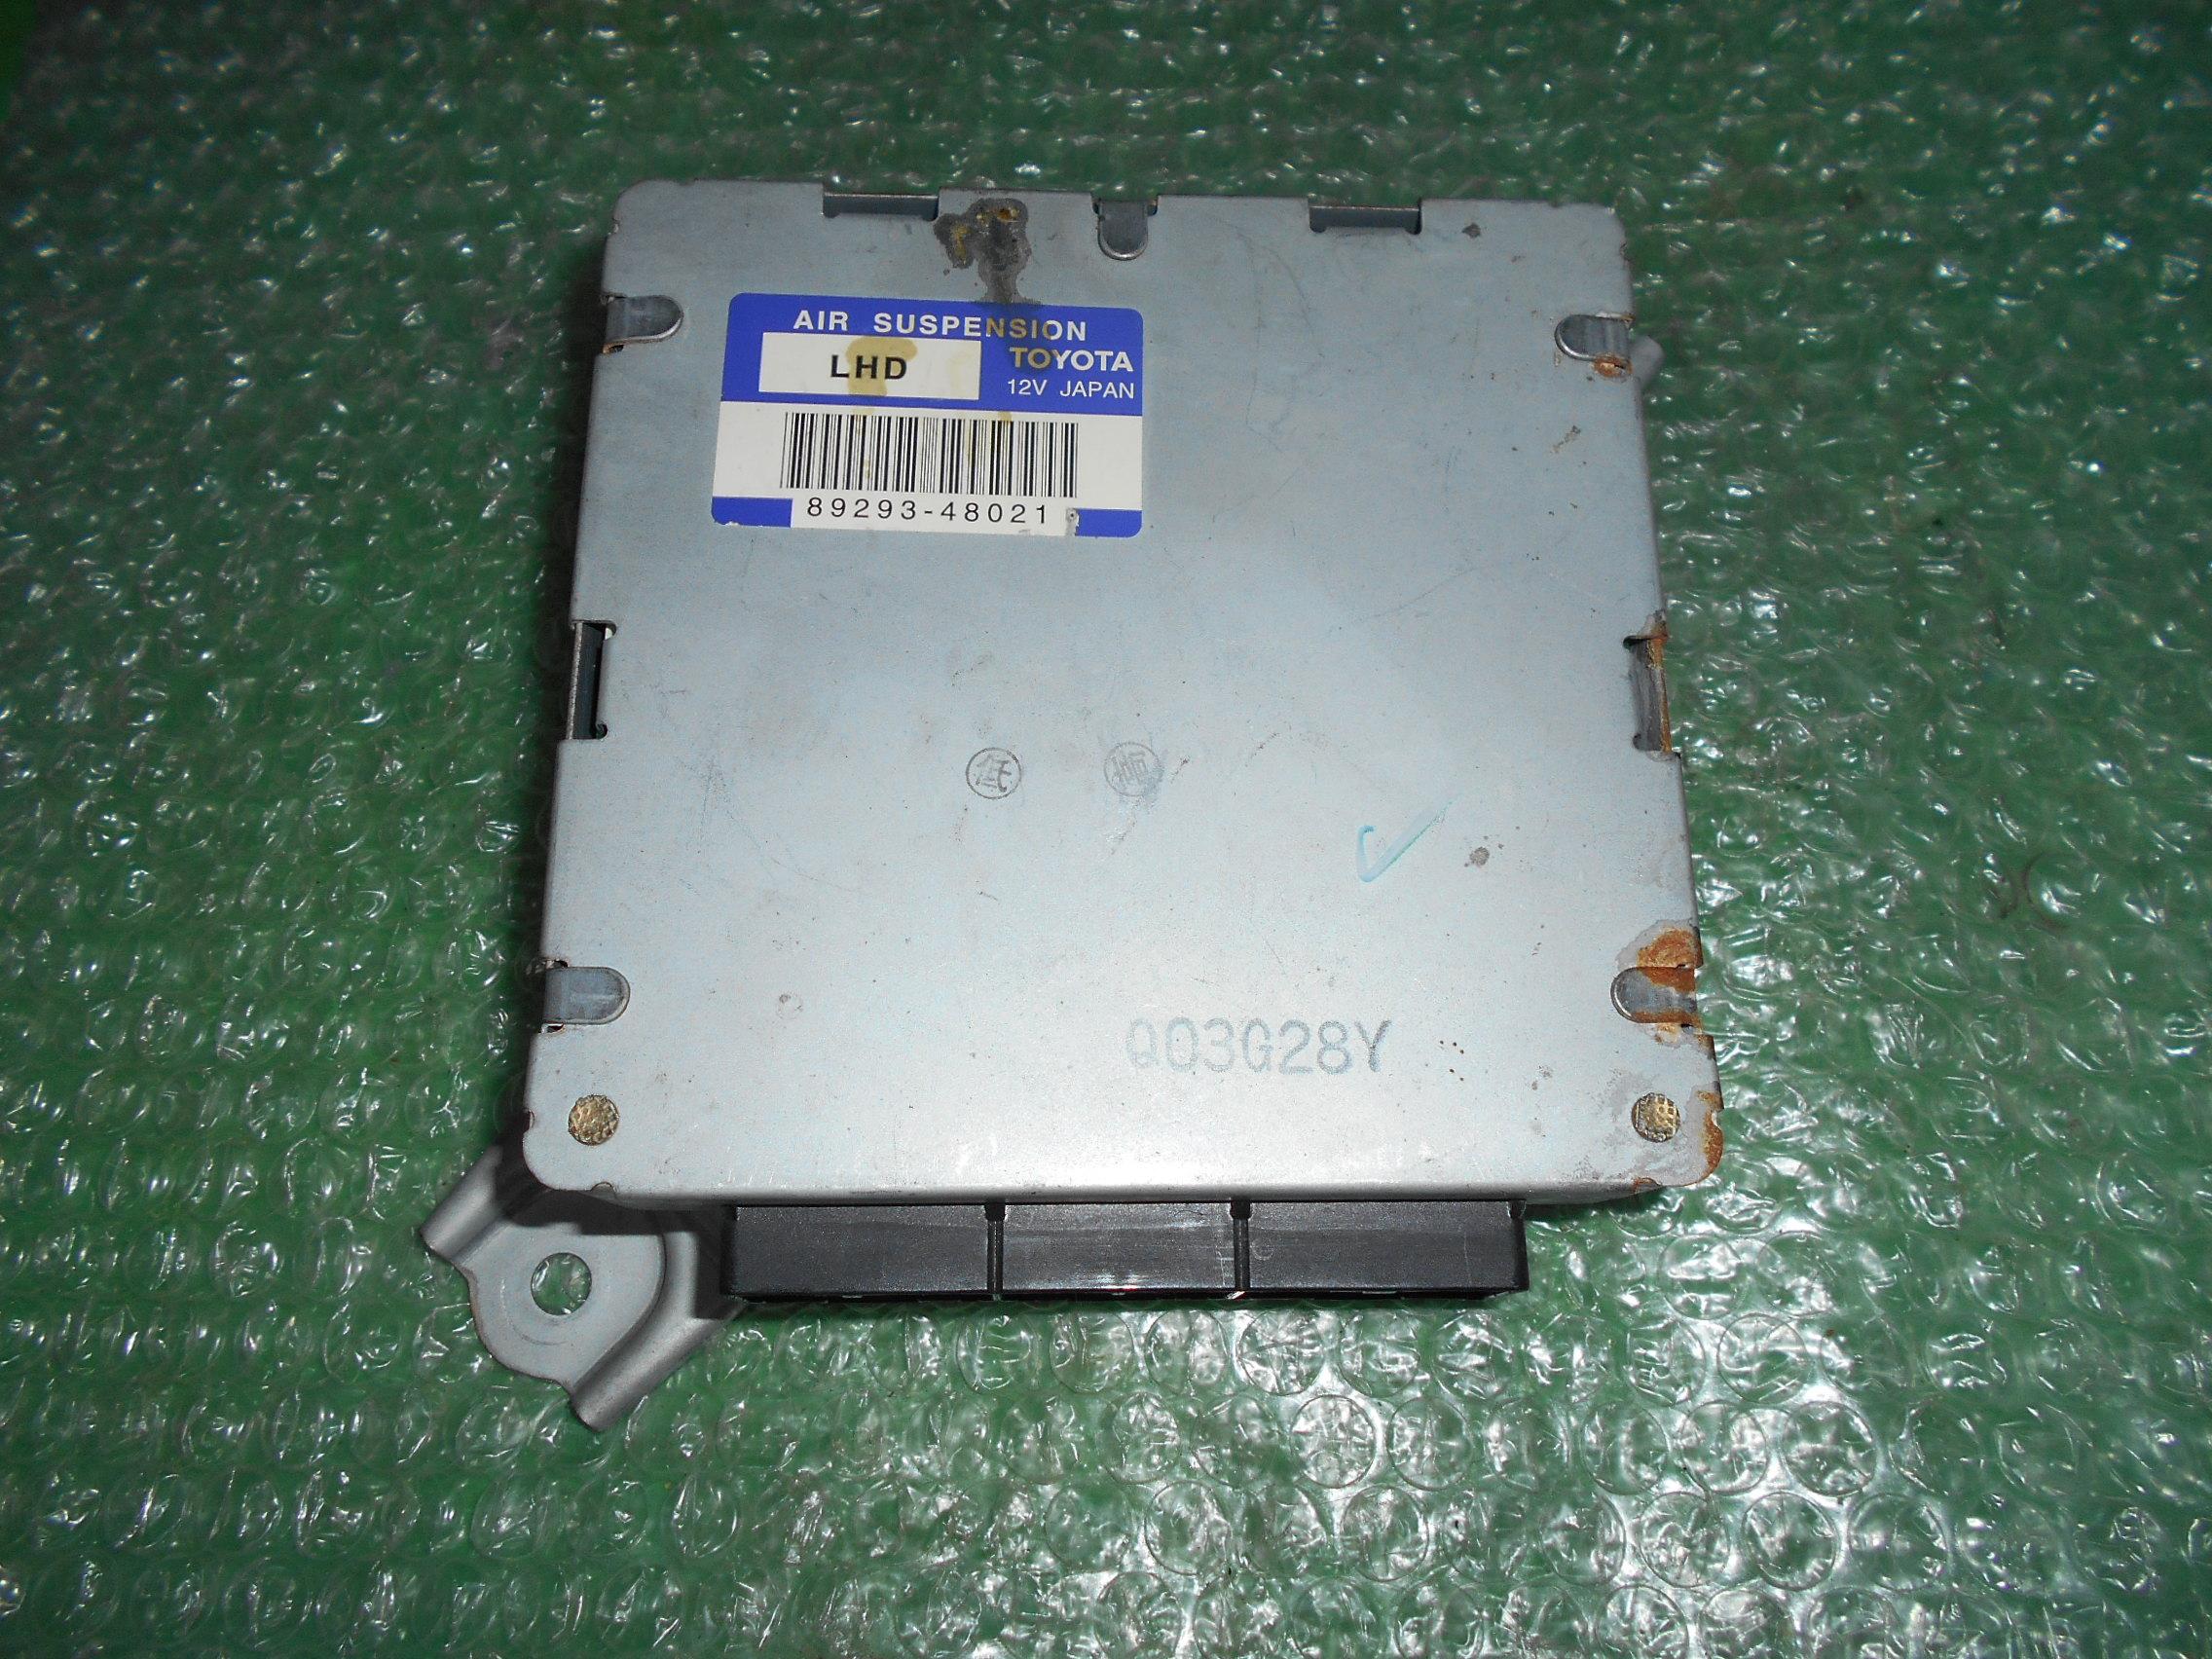 MODULO DE CONTROL DE SUSPENSION 89293-48021 LEXUS RX300 – RX330 – RX350 – TOYOTA (2004-2009)